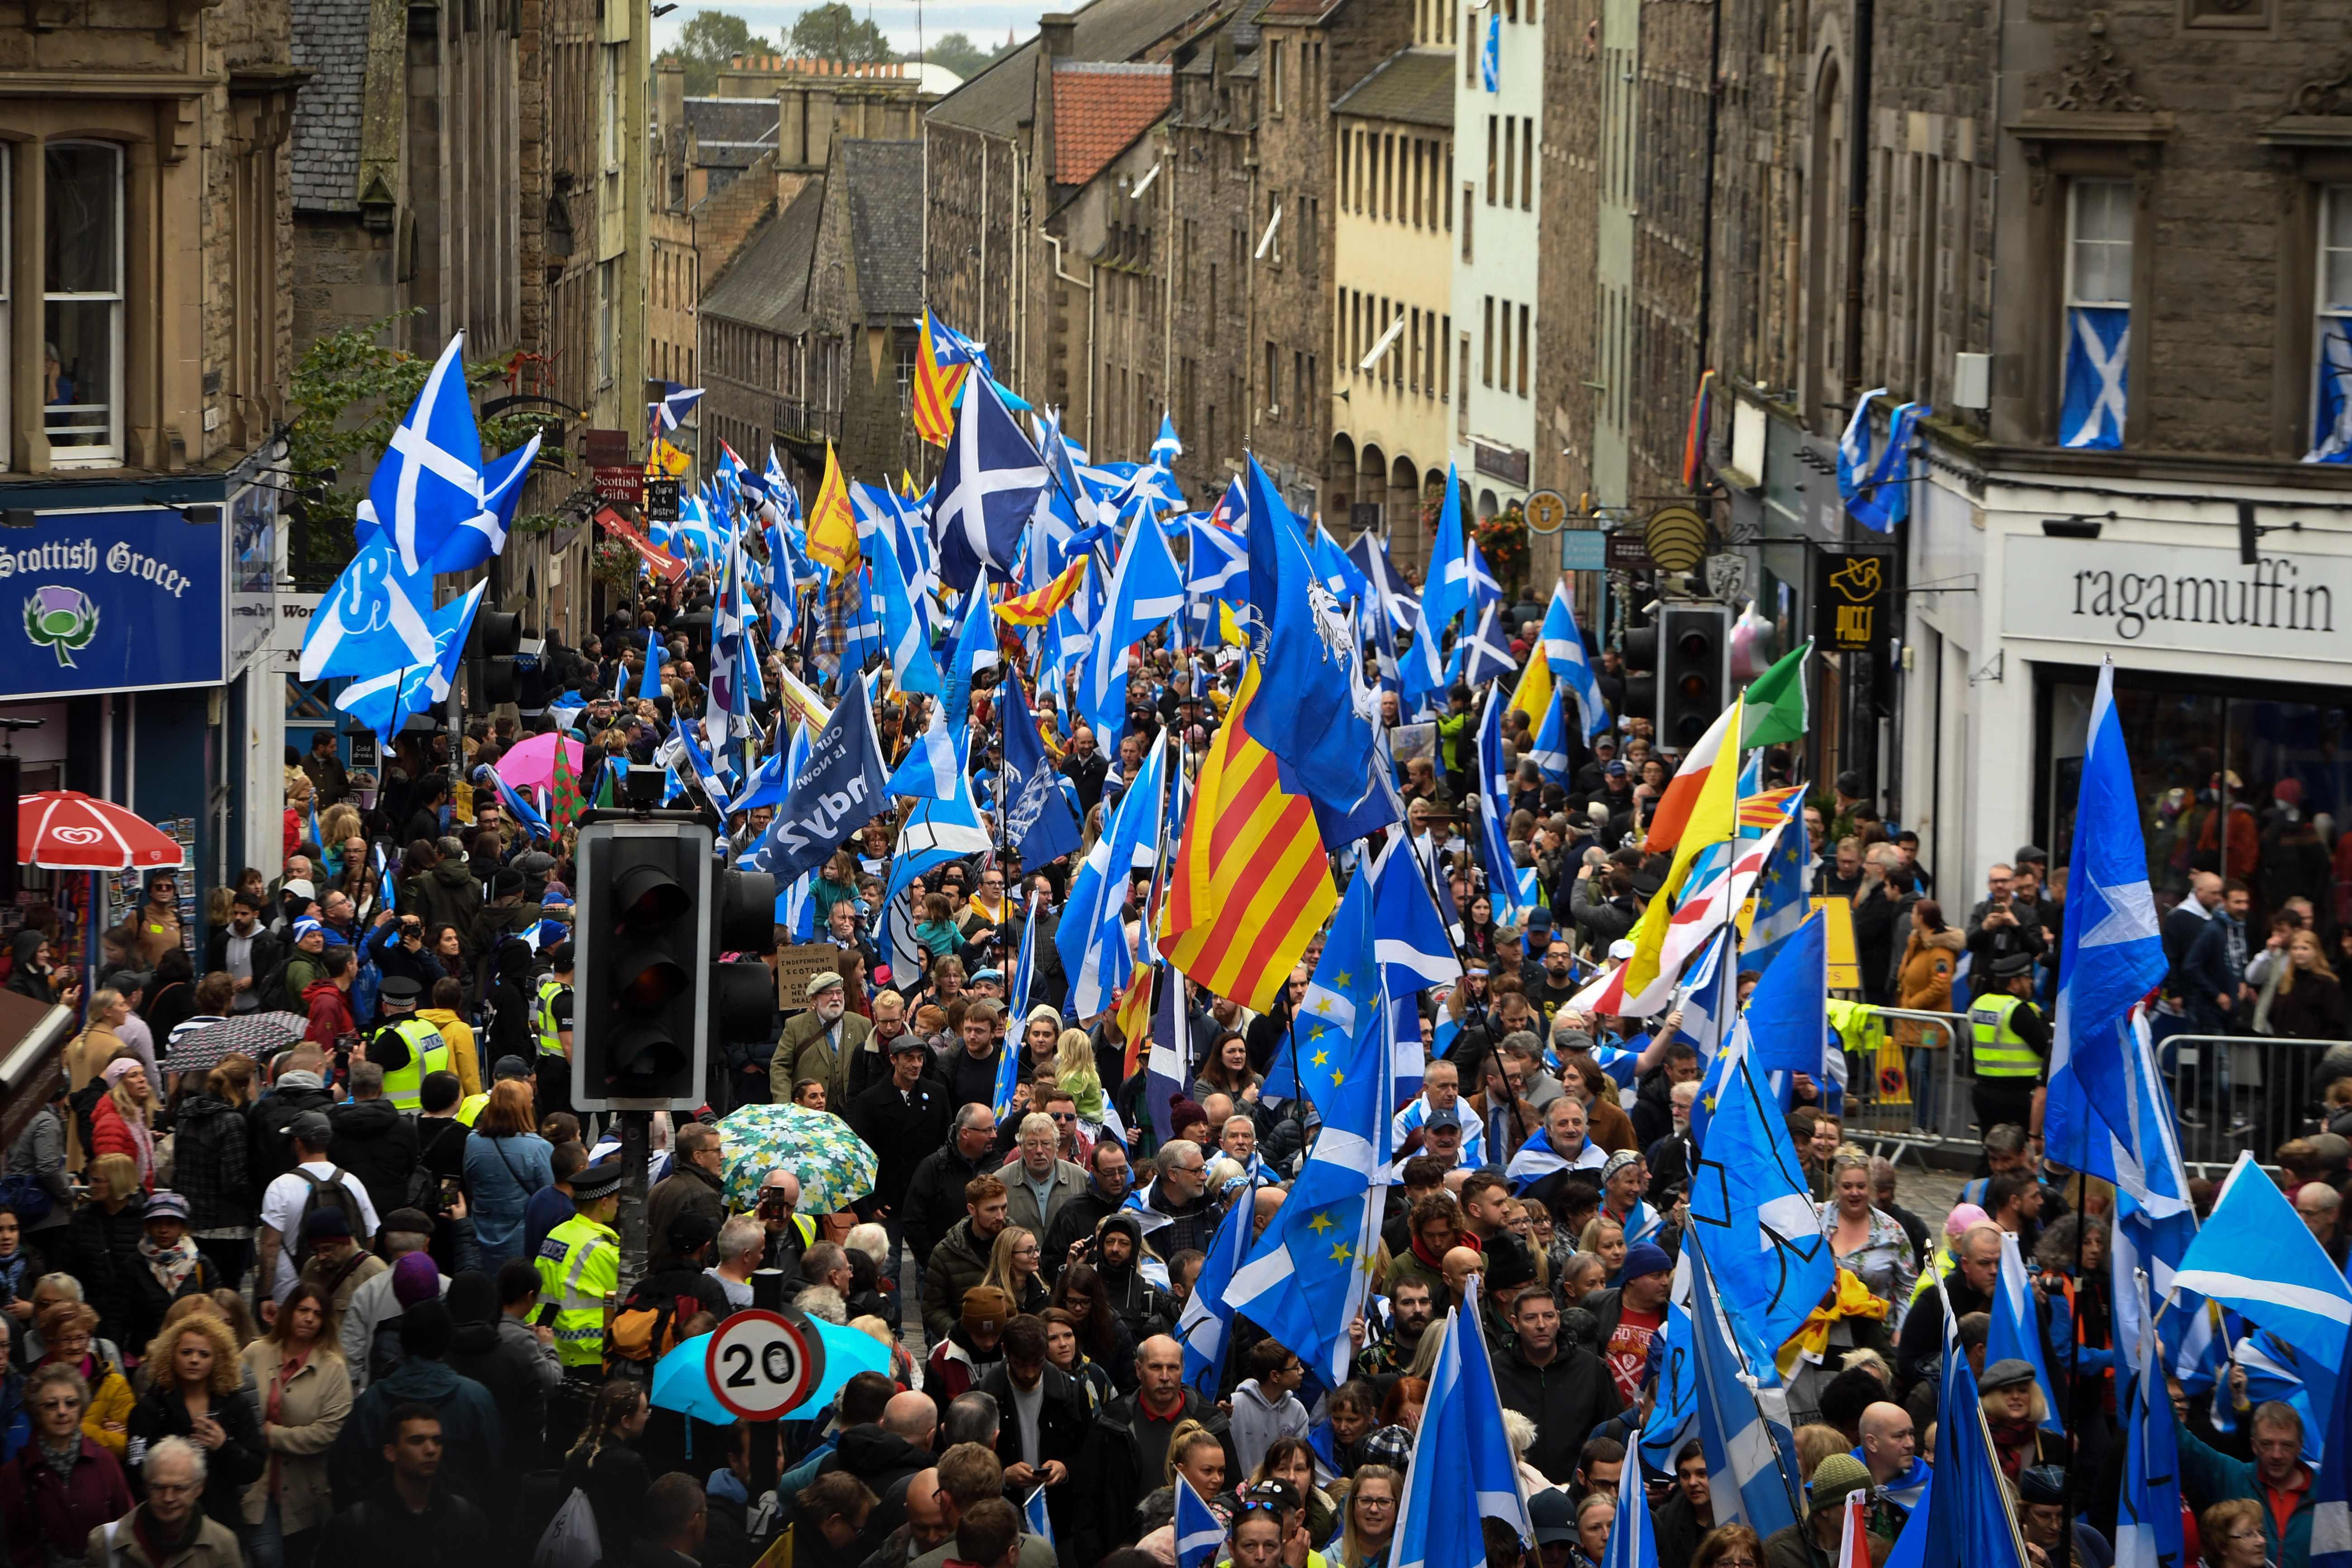 Miles de personas marchan en Edimburgo a favor de la independencia